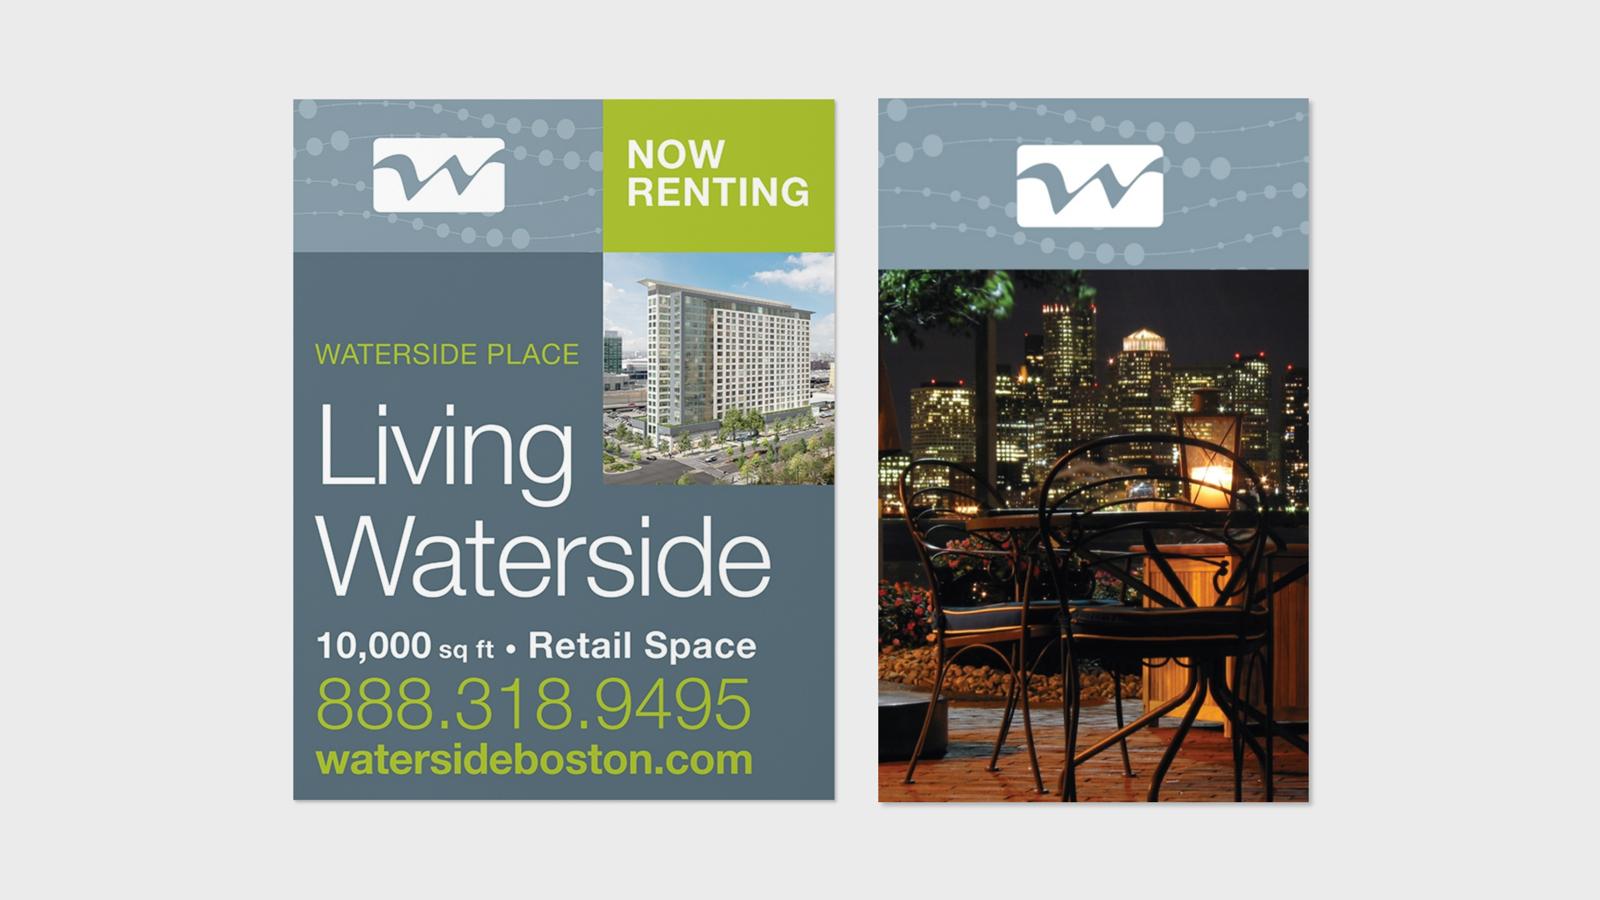 Waterside Place